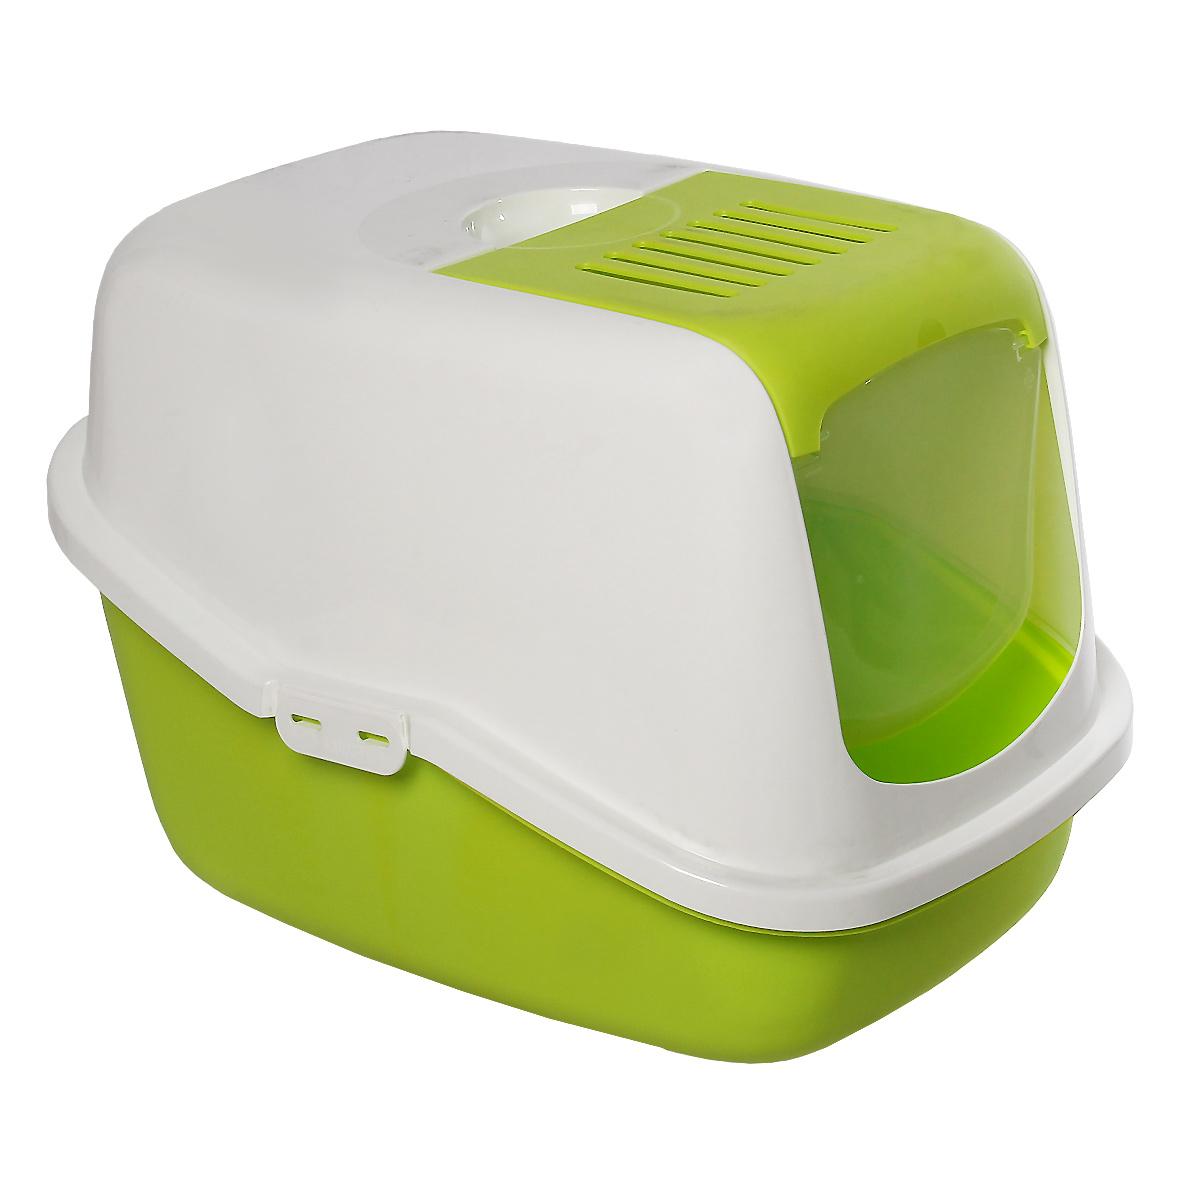 Туалет для кошек Savic Nestor, закрытый, цвет: белый, зеленый лимон, 56 см х 39 см х 38,5 см0227-00WLТуалет для кошек Savic Nestor изготовлен из качественного прочного пластика в виде домика. Легкая прозрачная пластиковая крышка предотвратит распространение запаха в доме.Это самый простой в употреблении предмет обихода для кошек и котов.Фильтр в комплект не входит.